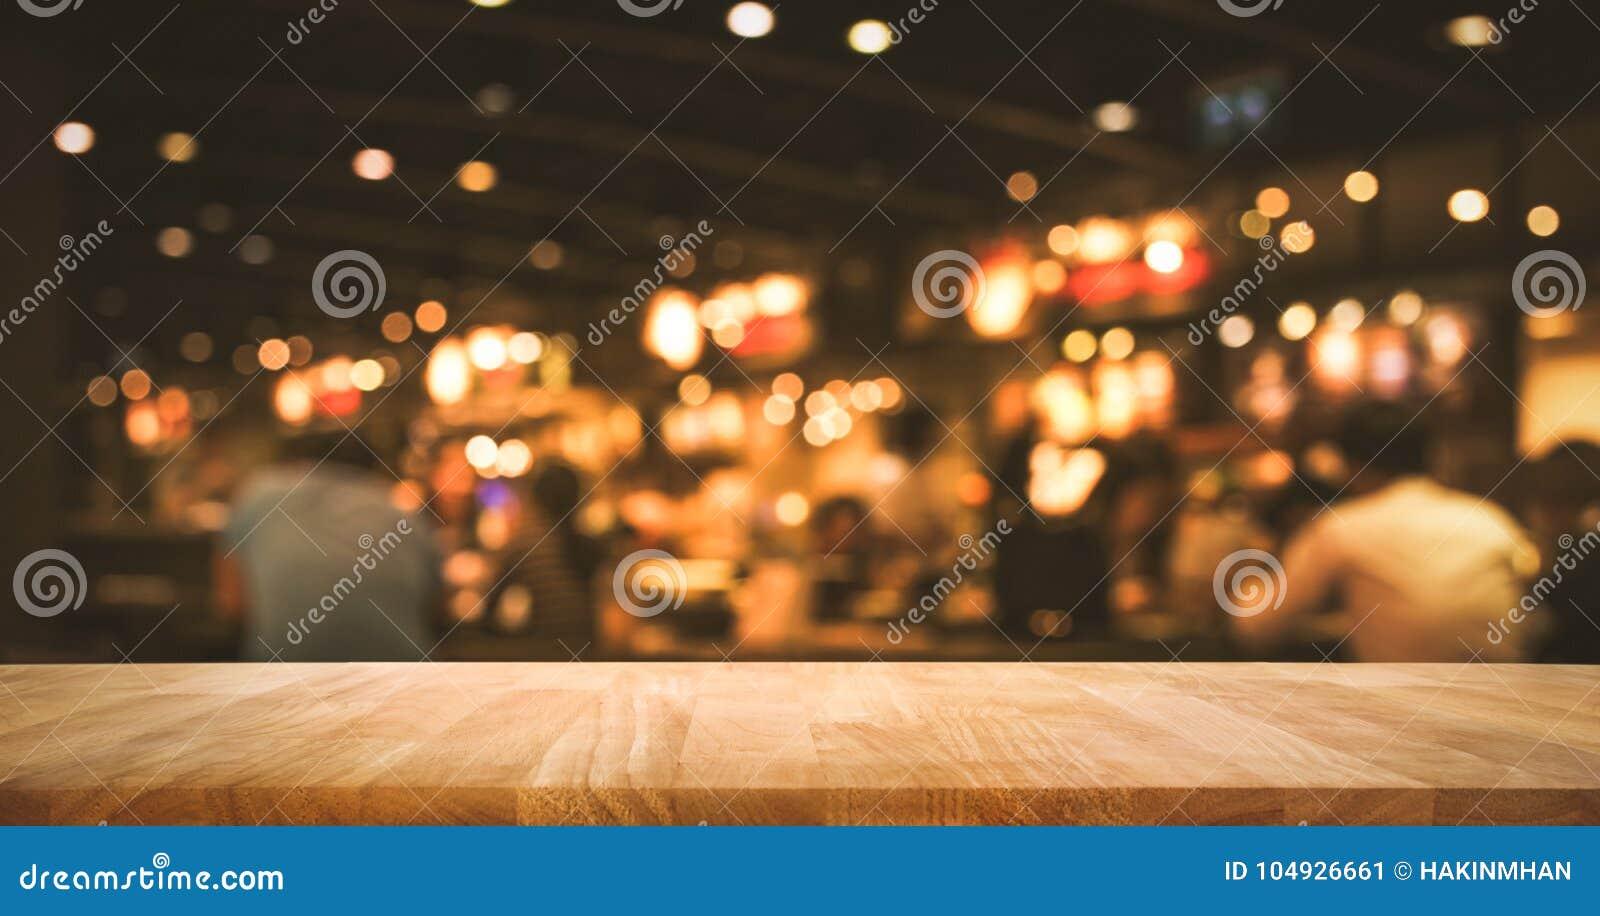 Barra de madeira do tampo da mesa com bokeh da luz do borrão no café escuro da noite